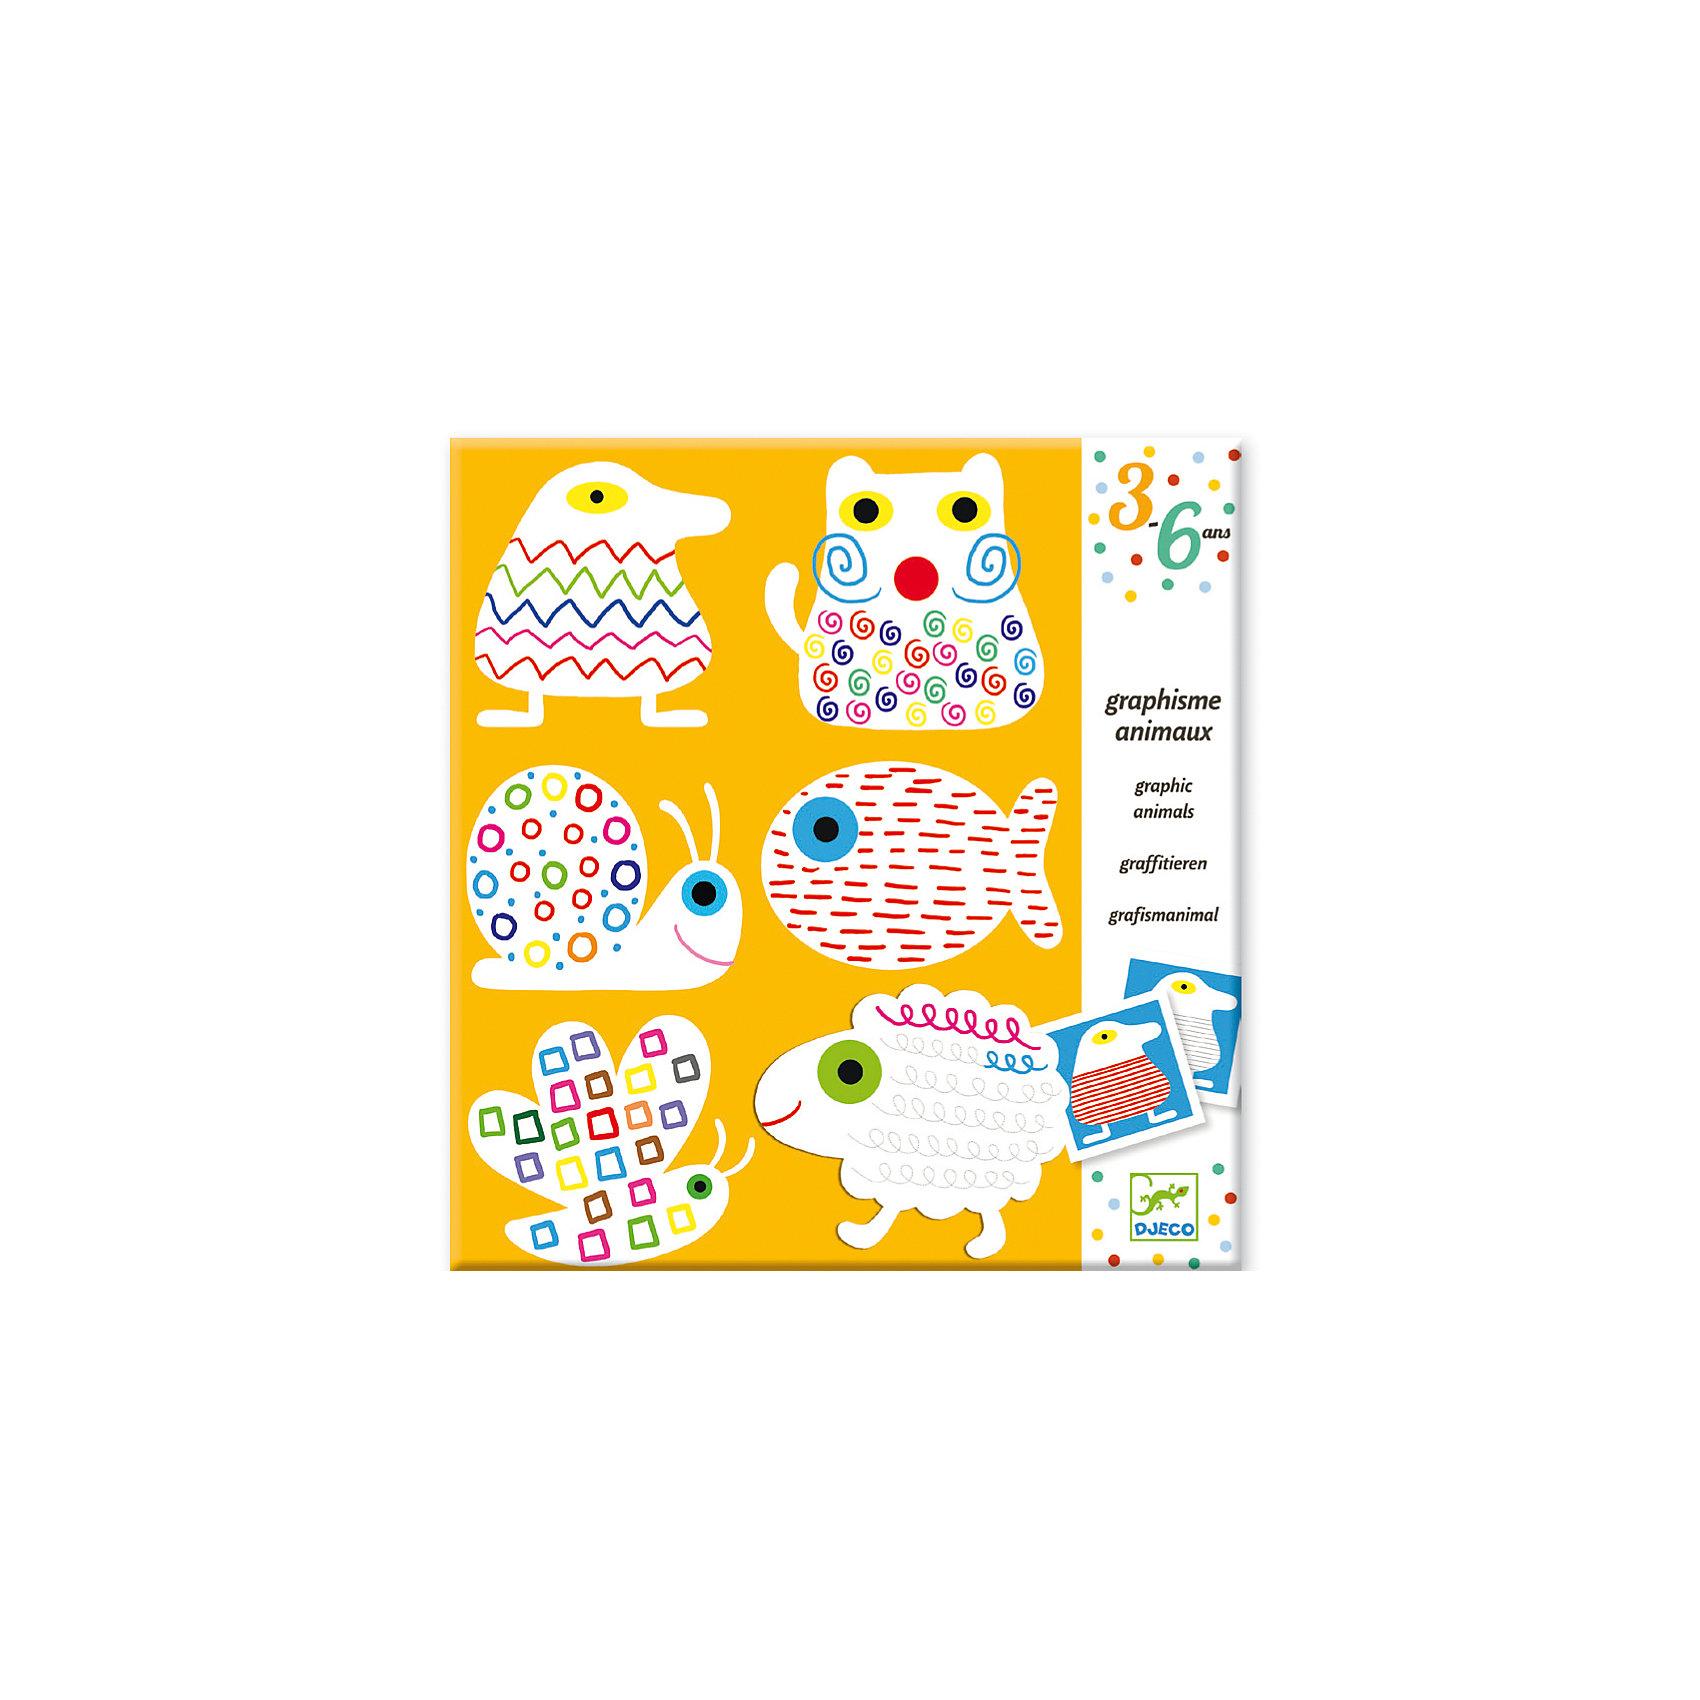 Набор для рисования УзорыНаборы для раскрашивания<br>Набор для творчества Узоры от компании Djeco позволит каждому творческому ребенку создать несколько картинок с необычными изображениями животных.Набор состоит из 6 картинок с животными с нанесенными на них узорами. Обводя узоры разными фломастерами у ребенка получится красивый и необычный рисунок. Получившимися картинками можно украсить детскую комнату или подарить их родным и друзьям. Внимание! Фломастеры в комплект не входят. Все изображения в стиле модерн созданы современными художниками.<br><br>Набор для рисования Узоры можно купить в нашем магазине.<br><br>Ширина мм: 10<br>Глубина мм: 220<br>Высота мм: 230<br>Вес г: 180<br>Возраст от месяцев: 36<br>Возраст до месяцев: 72<br>Пол: Унисекс<br>Возраст: Детский<br>SKU: 4783866